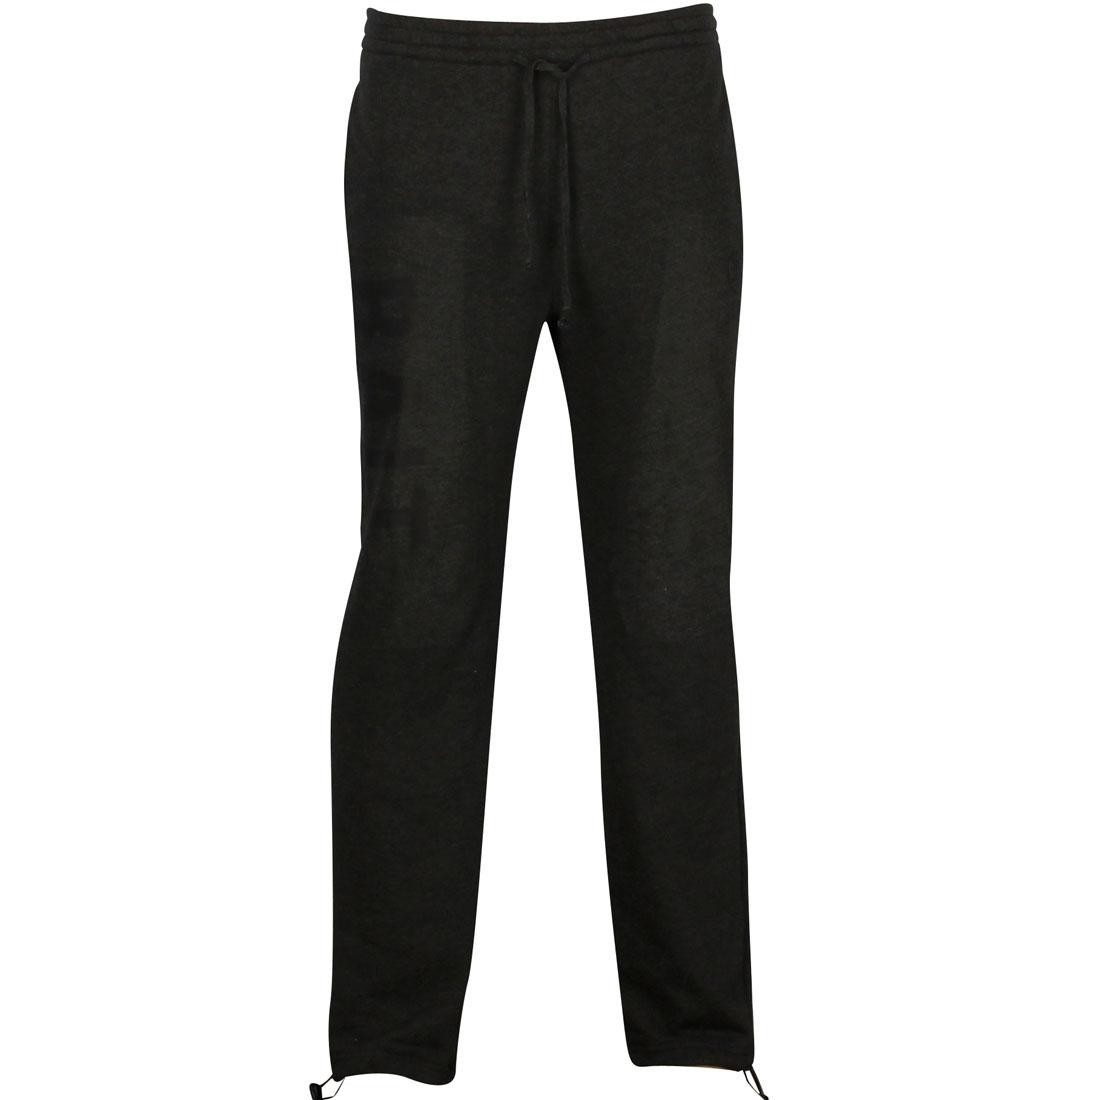 ベイト BAIT チャコール 黒 ブラック 【 BLACK BAIT CRUELWORLD SWEATPANTS CHARCOAL 】 メンズファッション ズボン パンツ